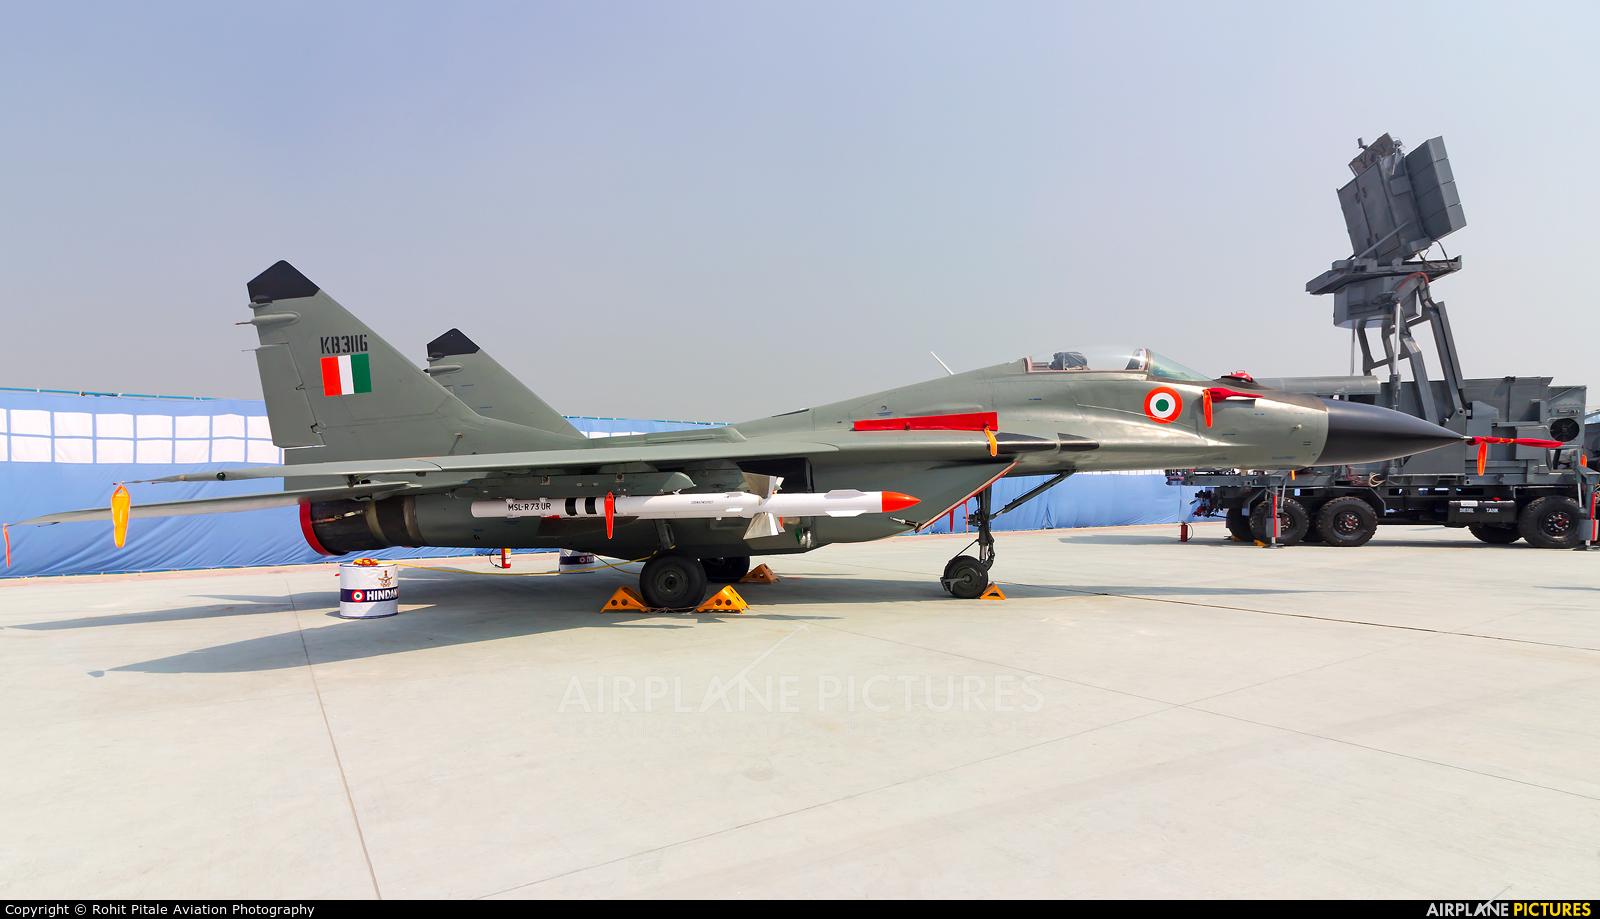 India - Air Force KB3116 aircraft at Hindon AFB